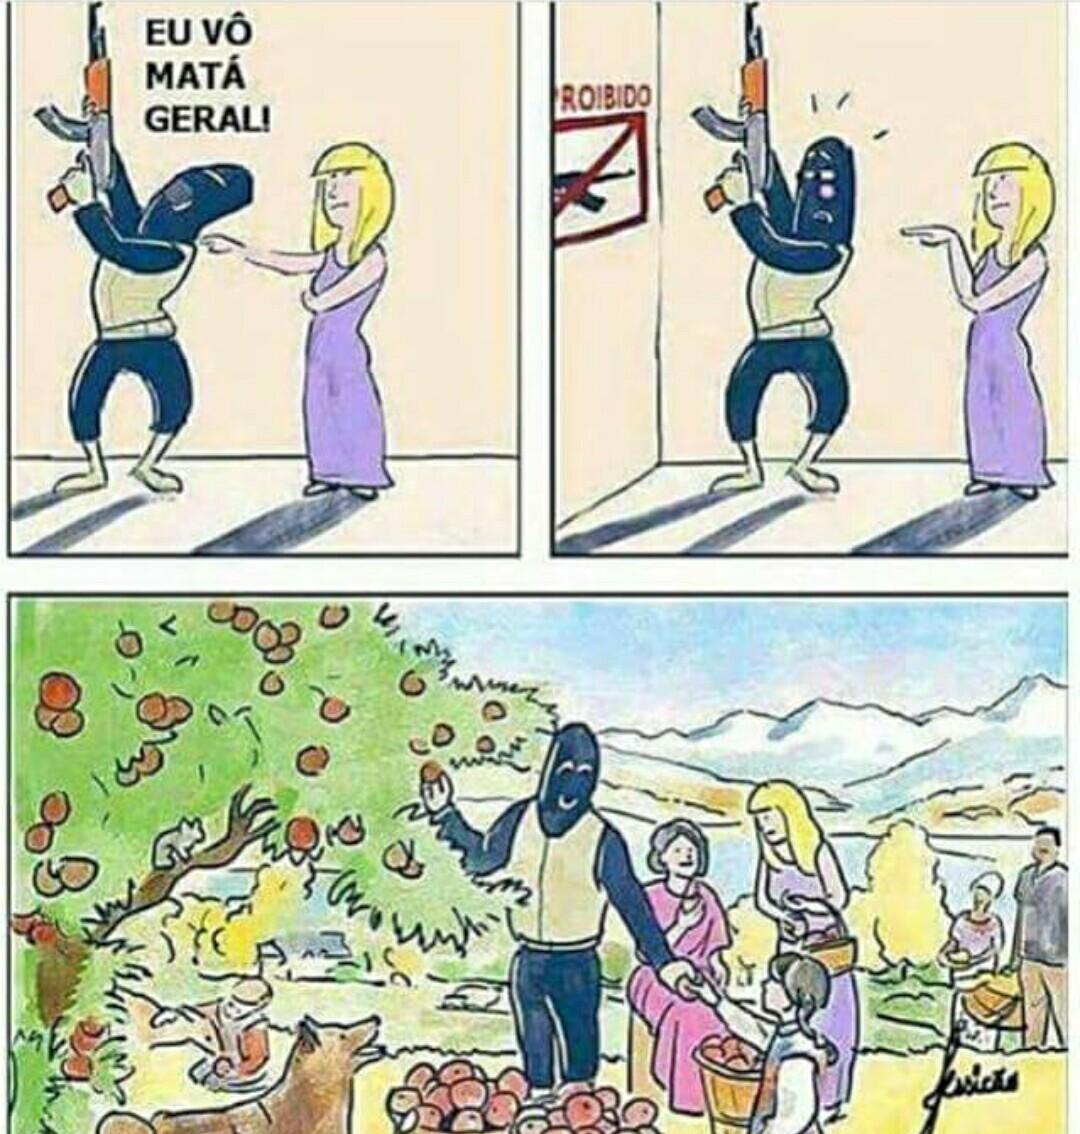 Desarmamento - meme